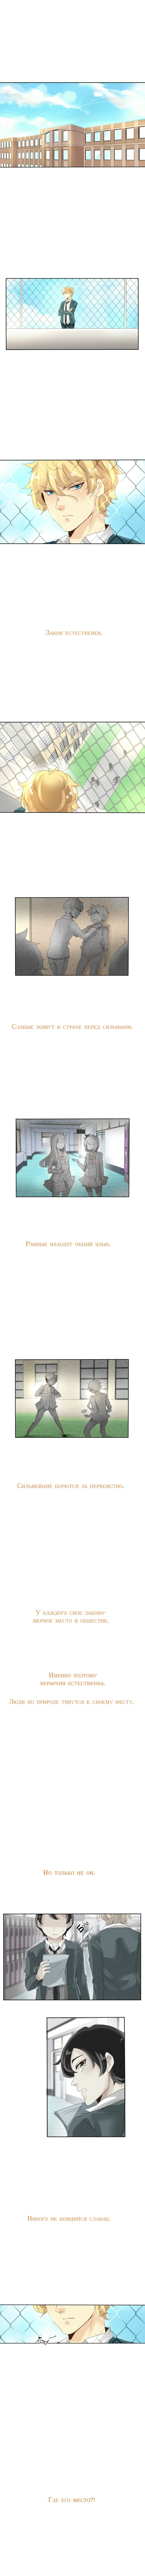 Манга неОРДИНАРНЫЕ / unORDINARY  - Том 1 Глава 35 Страница 1